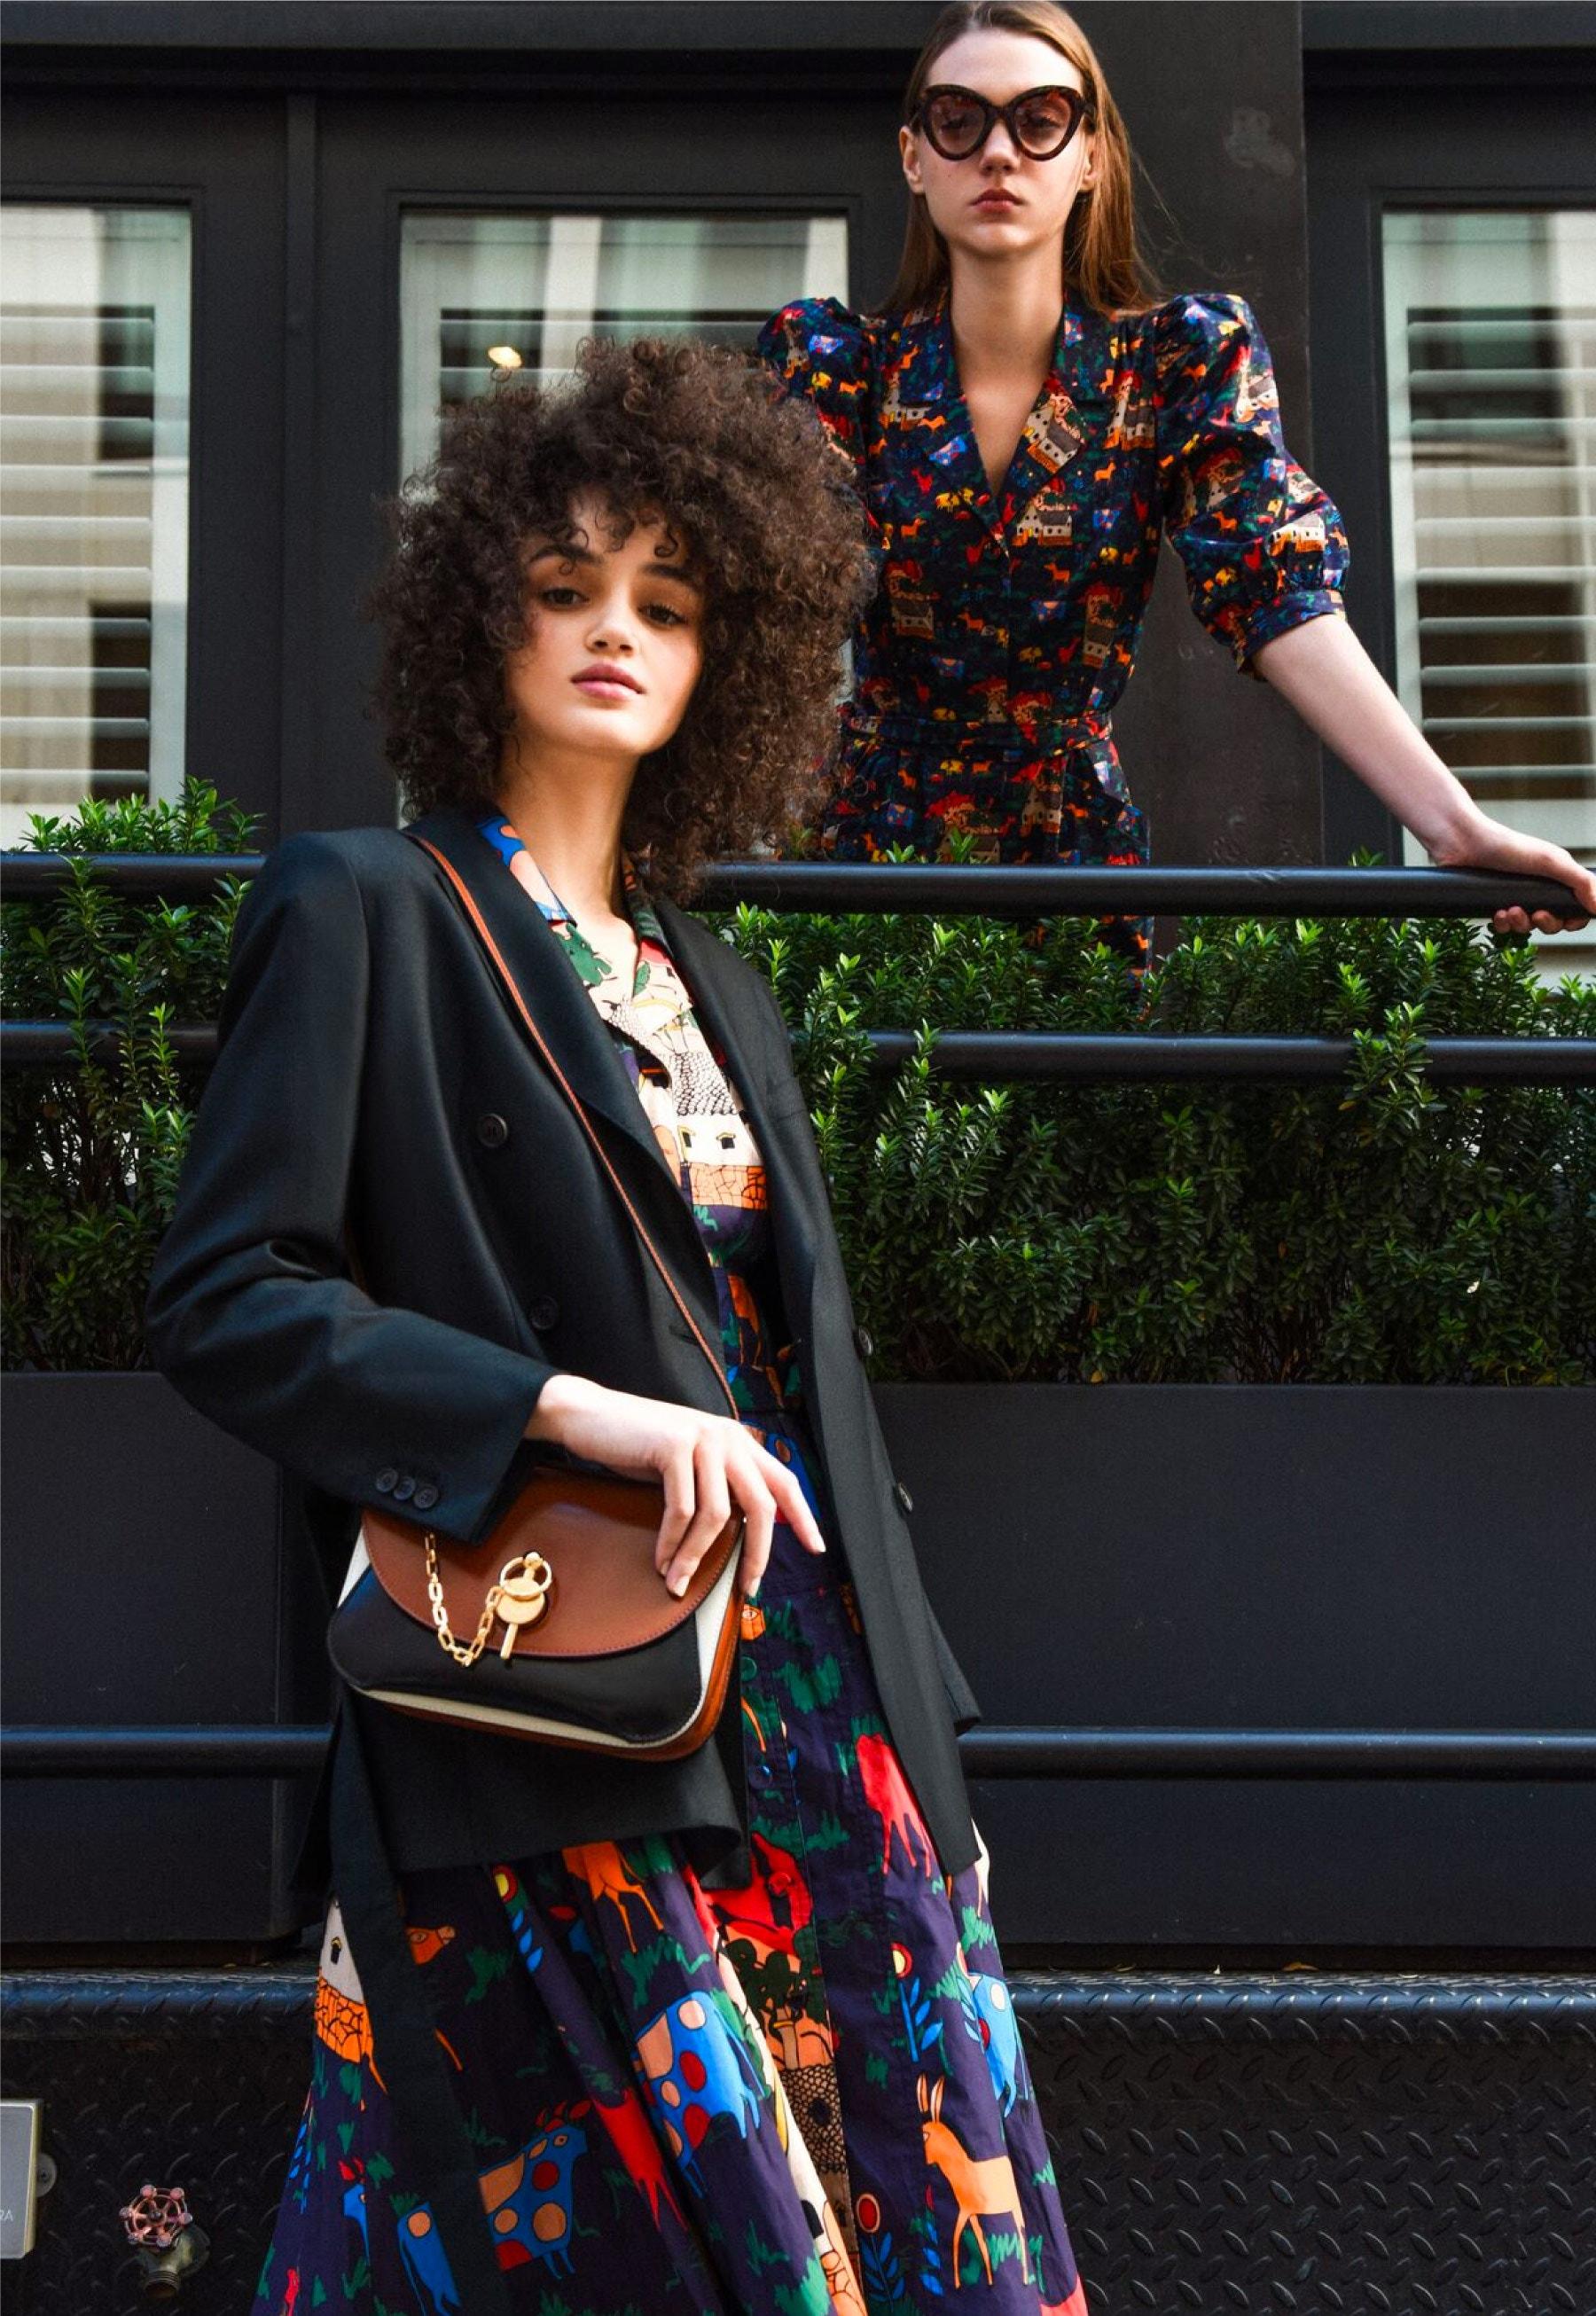 LHD Glades Dress – LHD Casitas Dress – SALVATORE FERRAGAMO Blazer – J.W. ANDERSON Keyts Bag